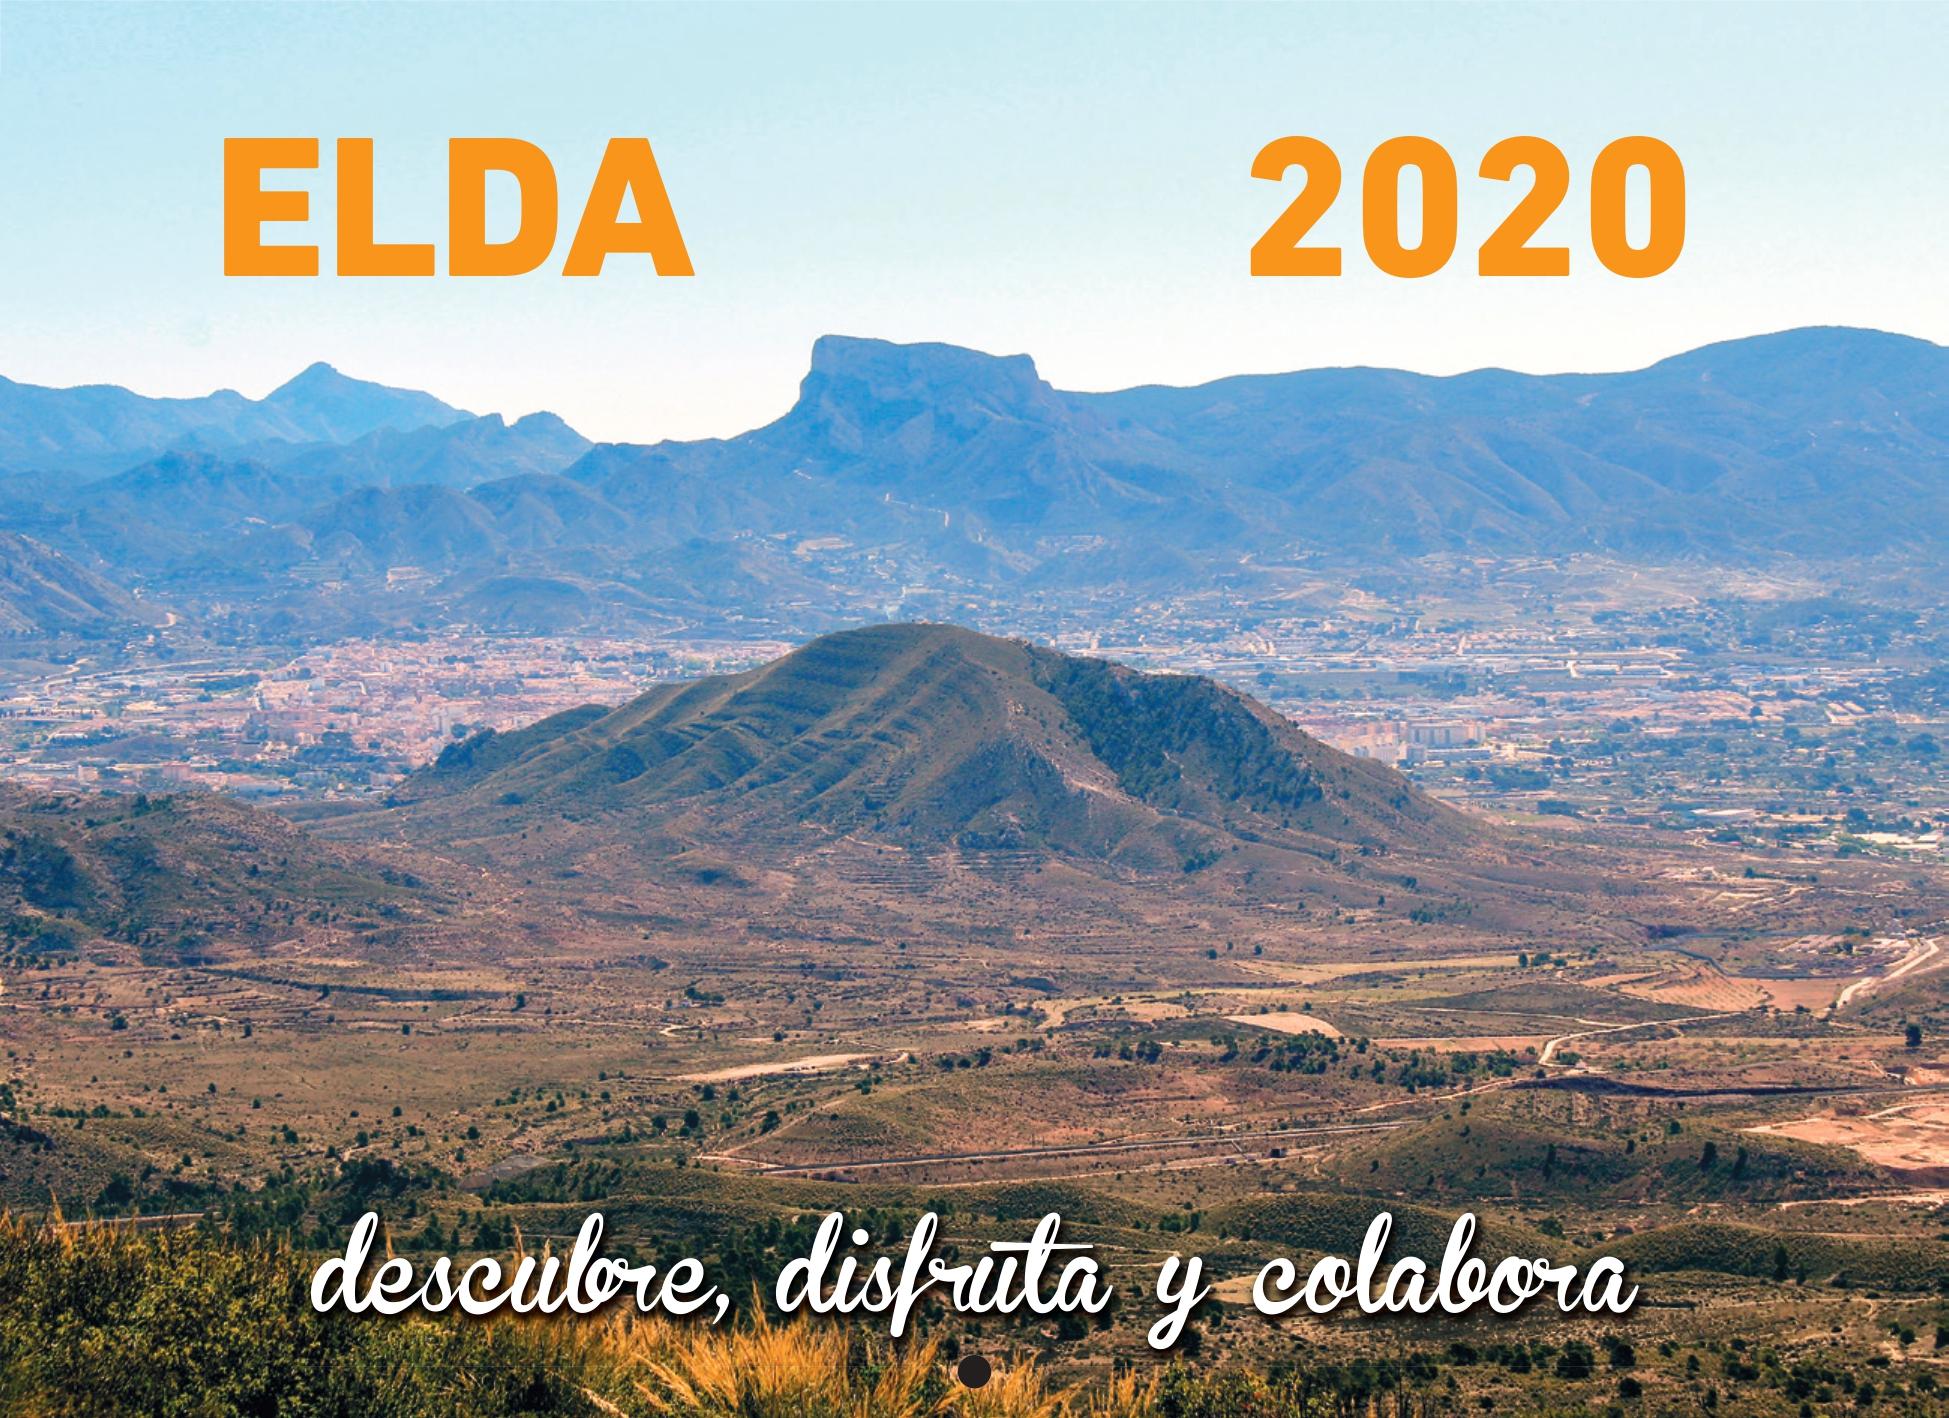 La Concejalía de Medio Ambiente edita y distribuye el calendario 2020 'Elda, descubre, disfruta y colabora'